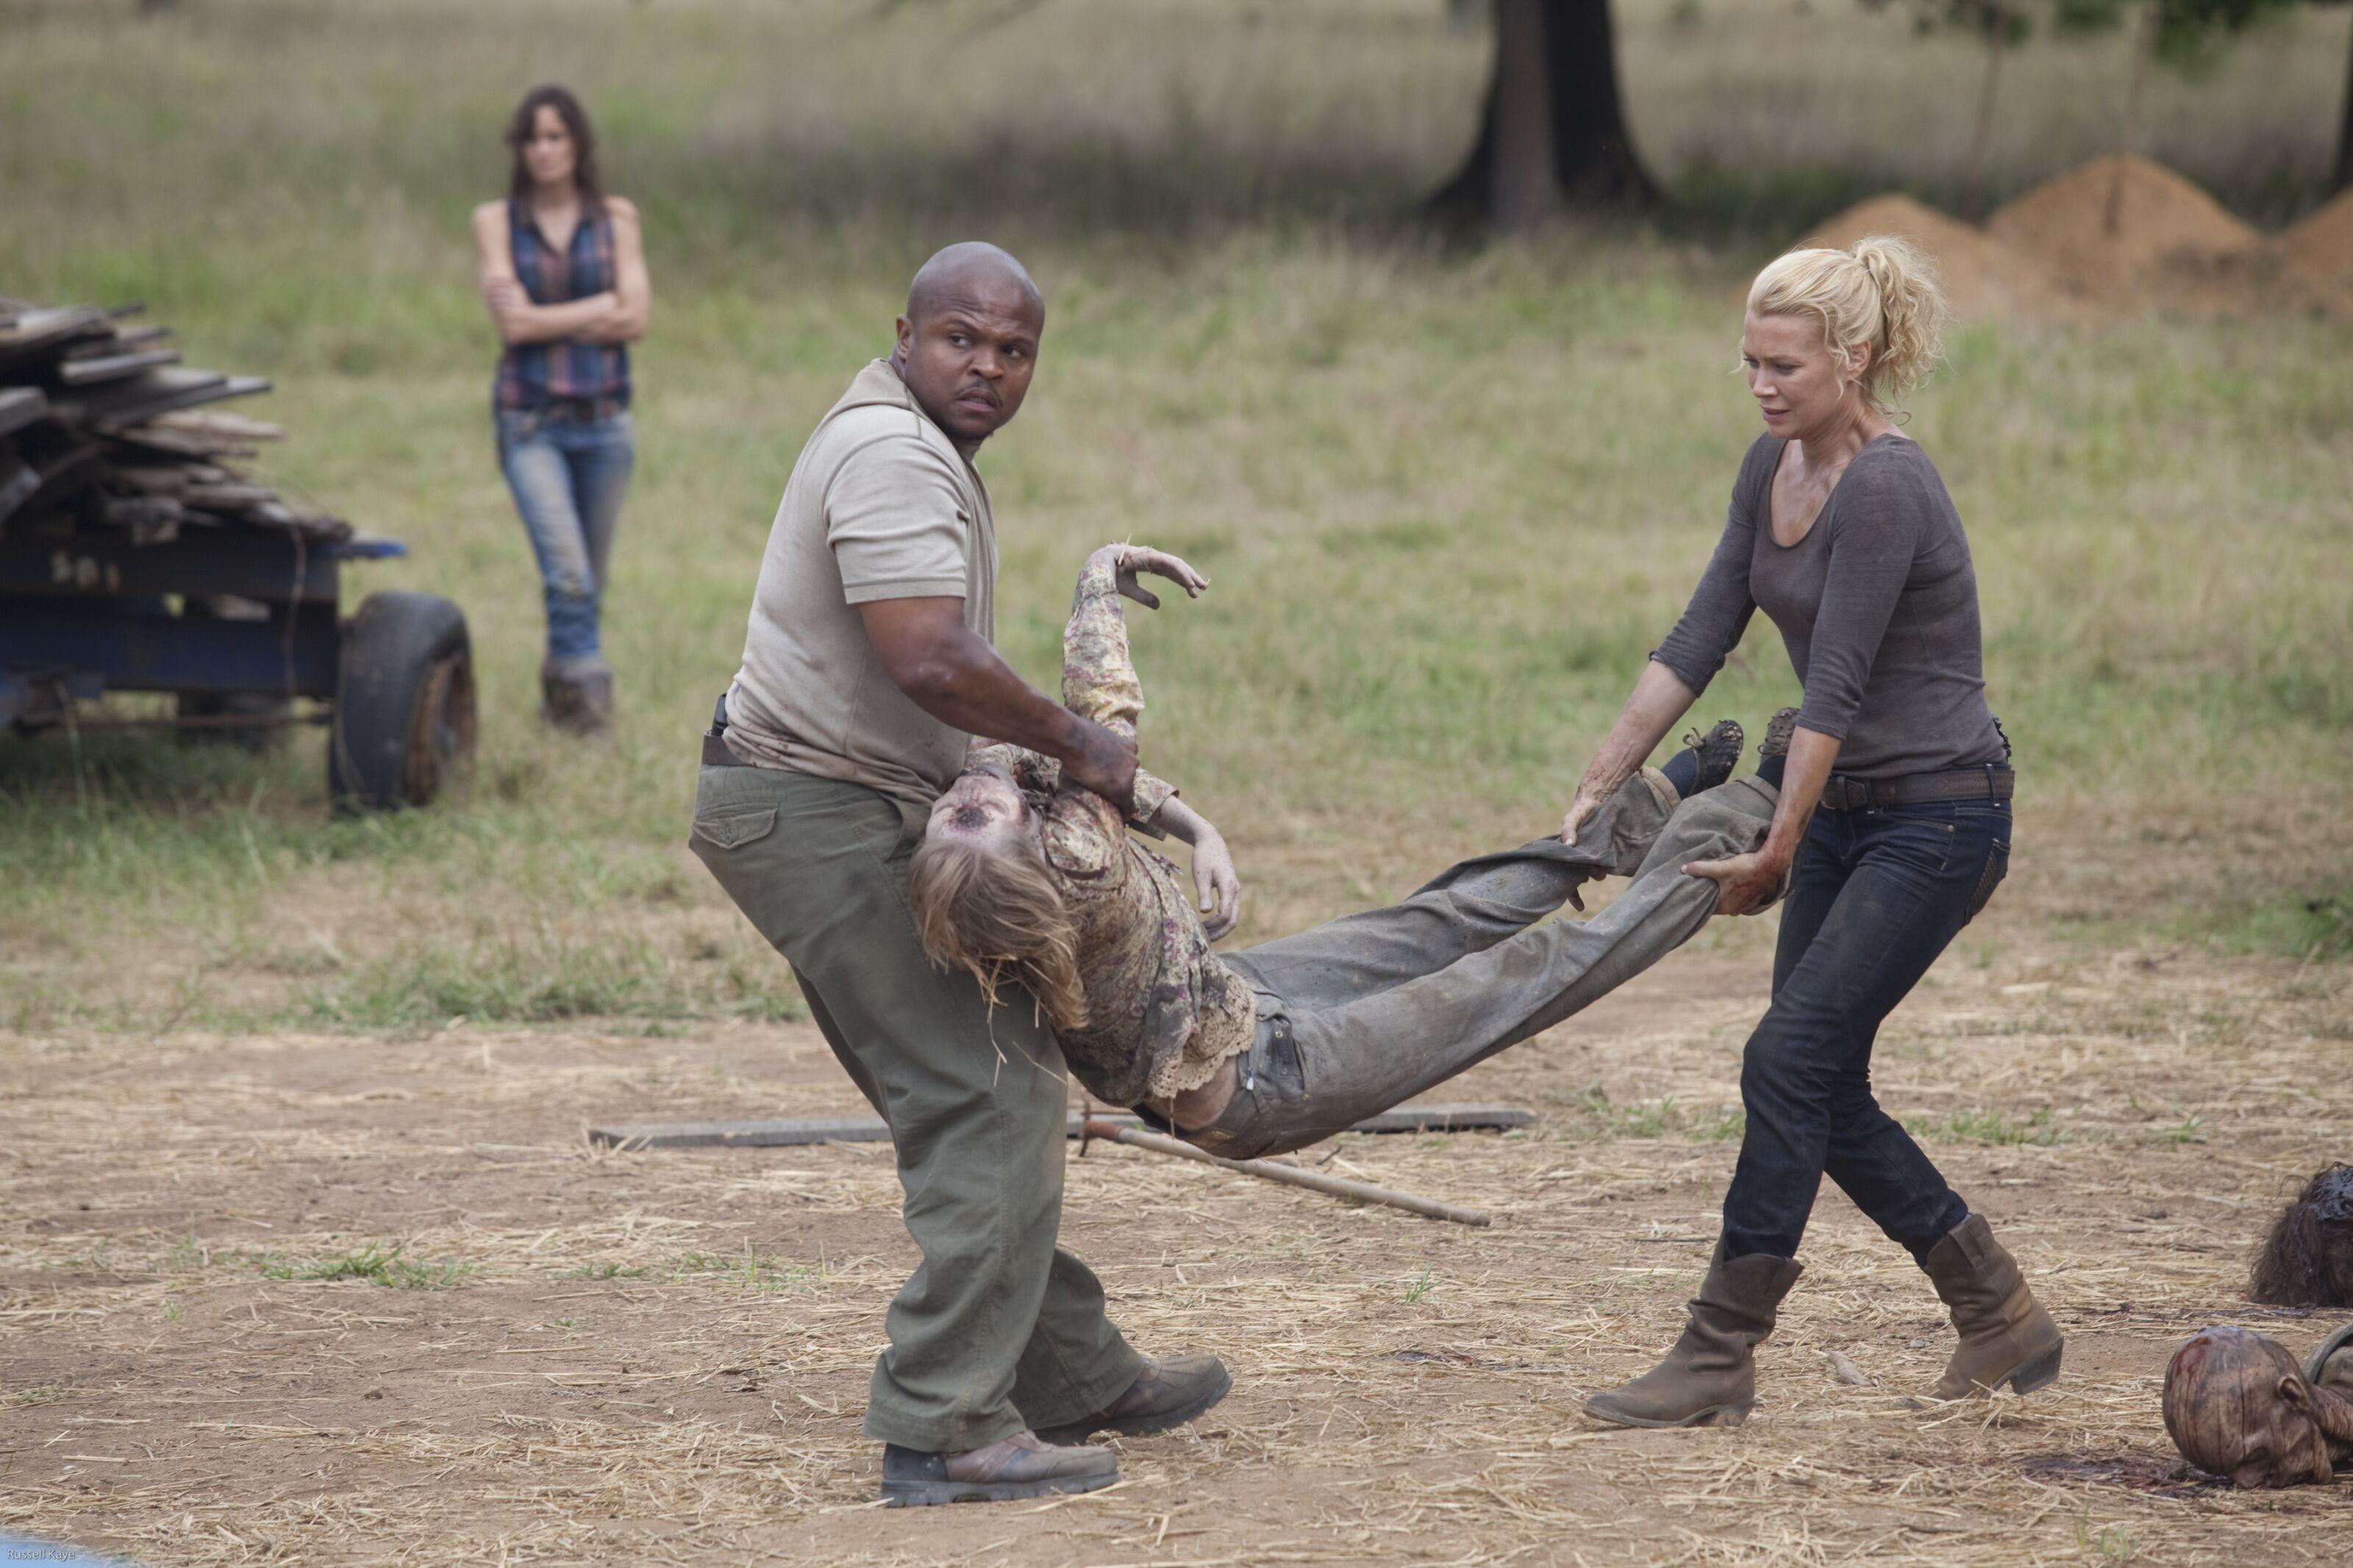 Who died in season 2 episode 8 of The Walking Dead?